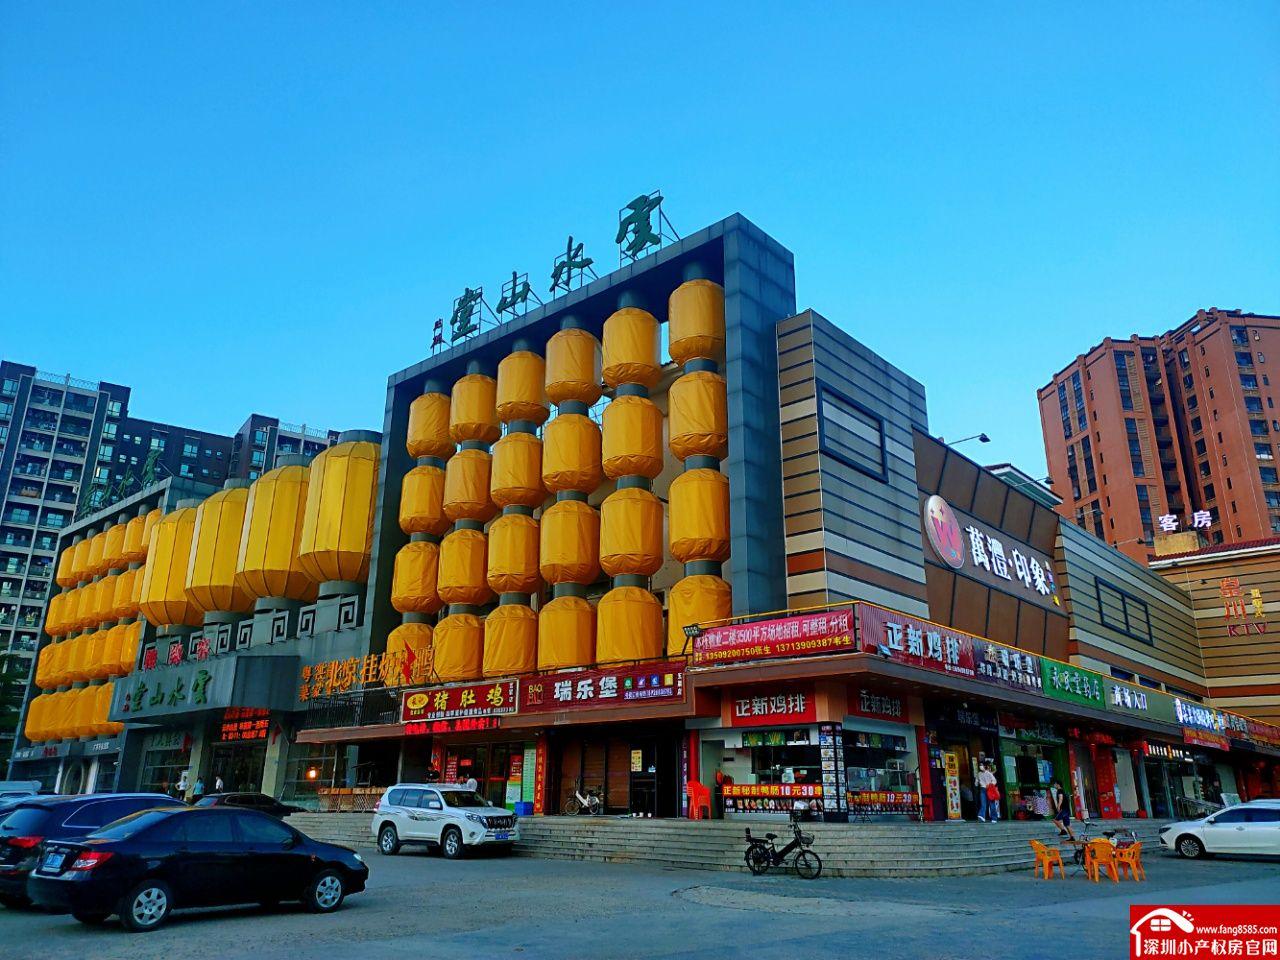 凤岗小产权房统建楼【六福花园】双地铁口4栋合围70年产权